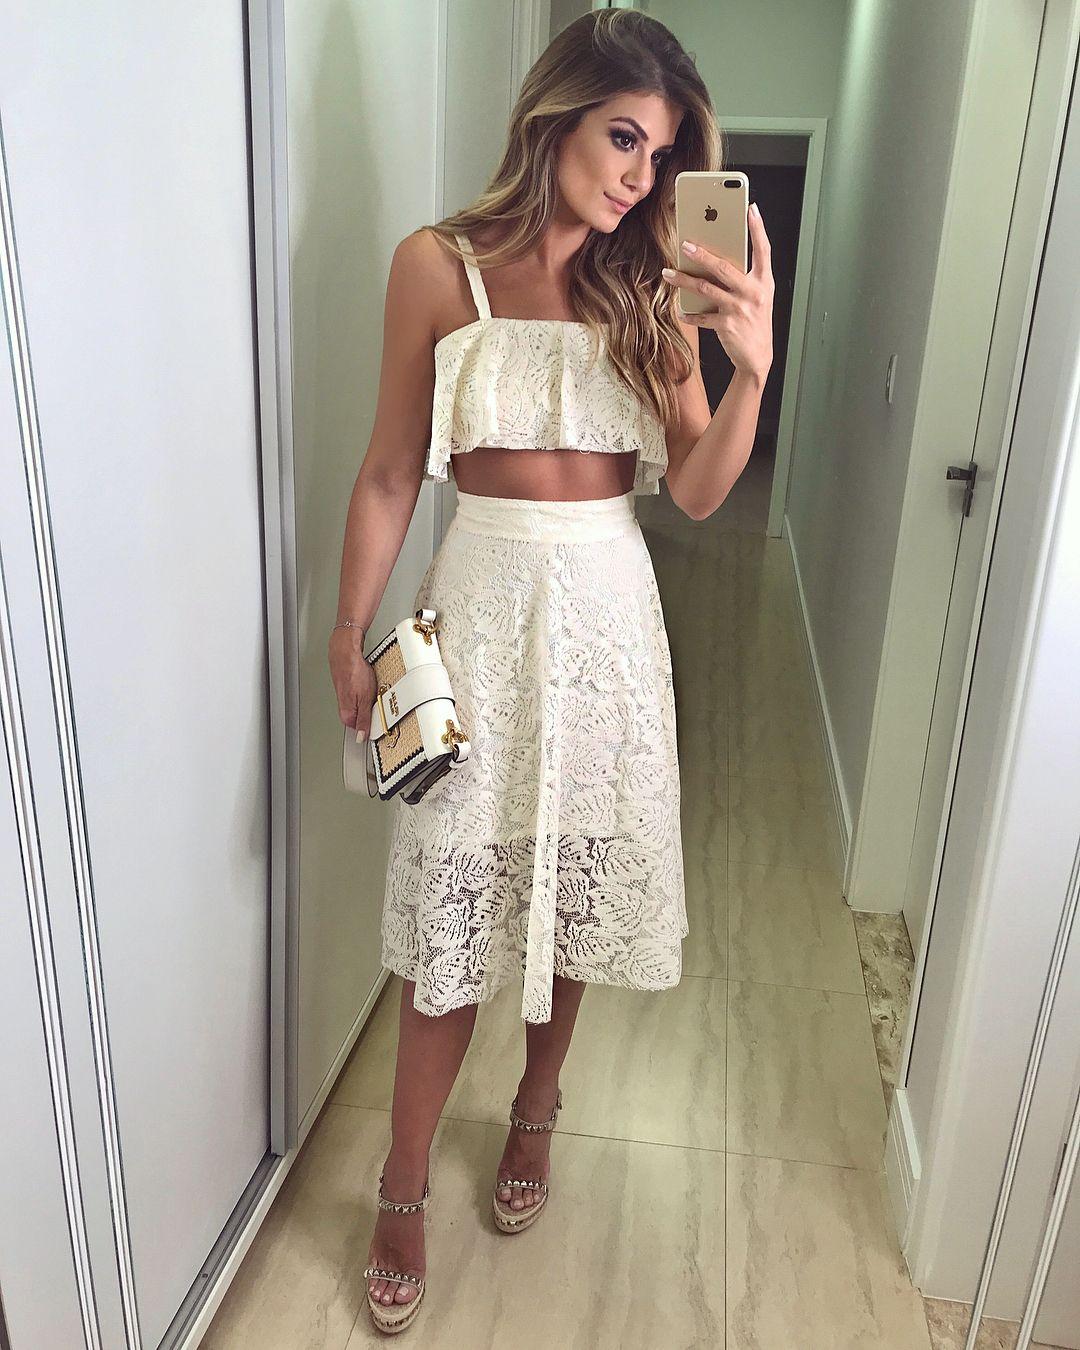 6bfff3f98  Verão  rocklola  ✨  Conjunto de renda!! Muito amor nessa mistura de mini  top cropped com midi ♥ Meu tipo de look do verão! •  selfie…